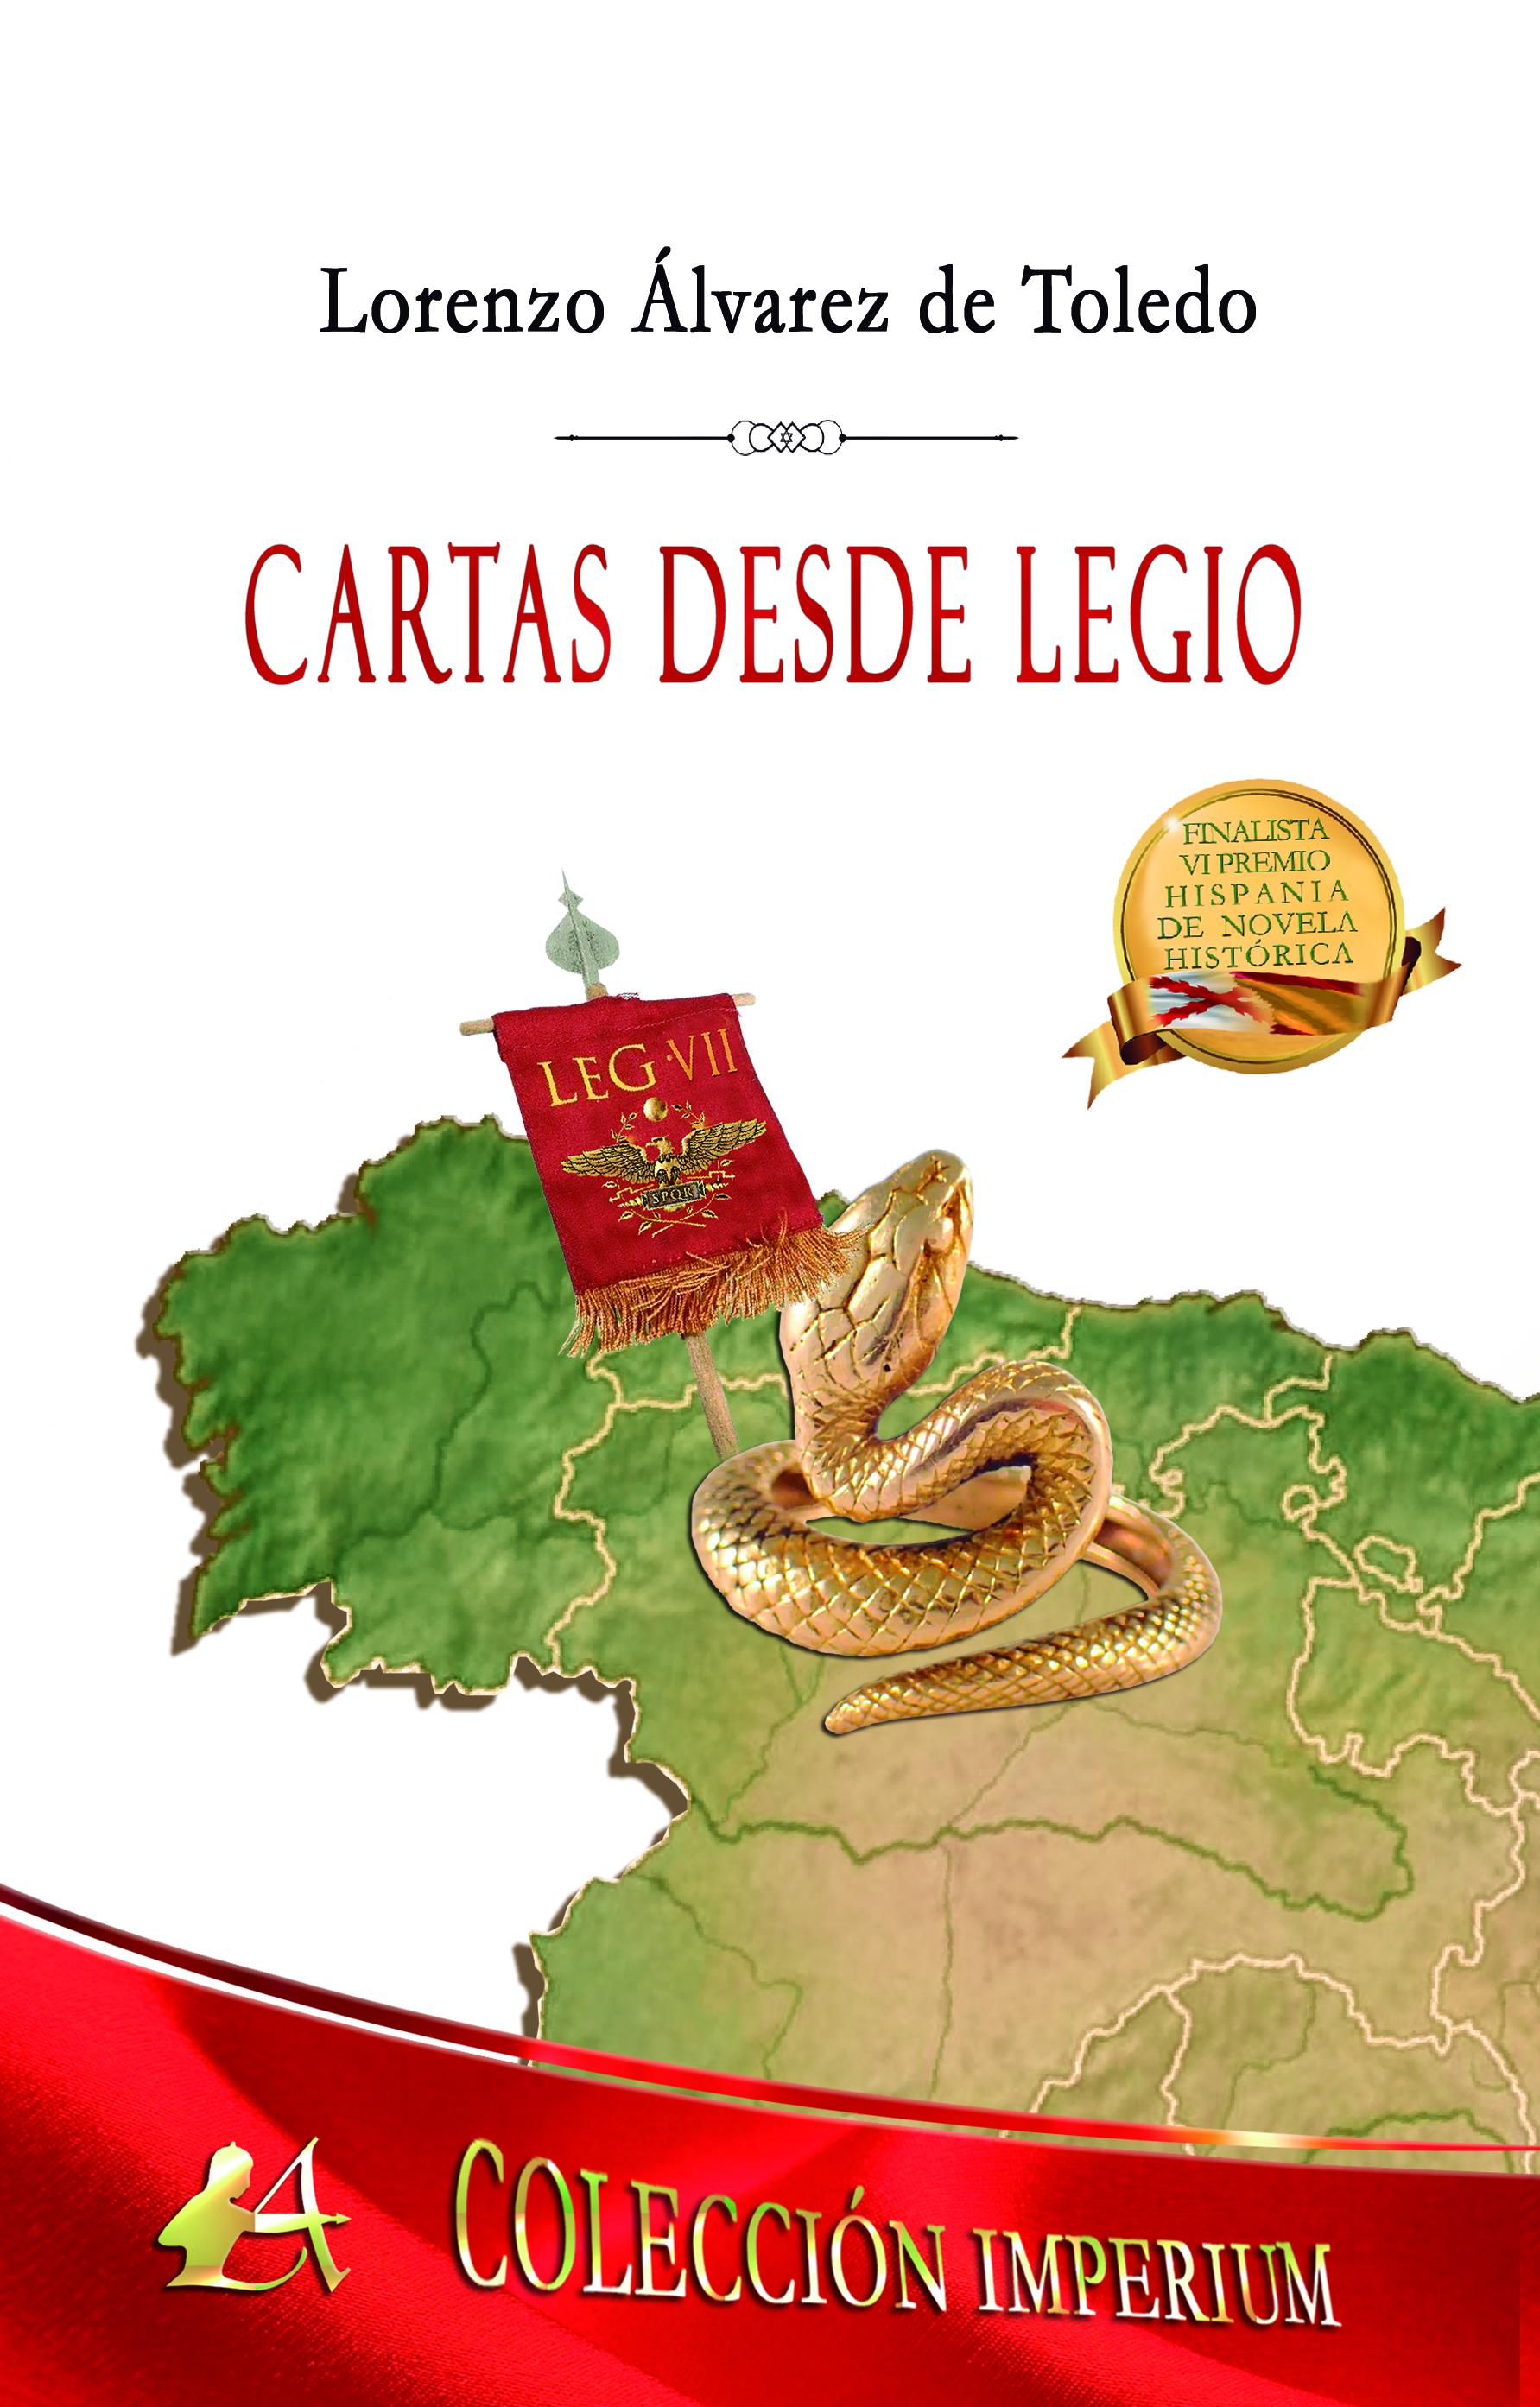 Portada del libro Cartas desde Legio de Lorenzo Álvarez de Toledo. Editorial Adarve, Publicar un libro